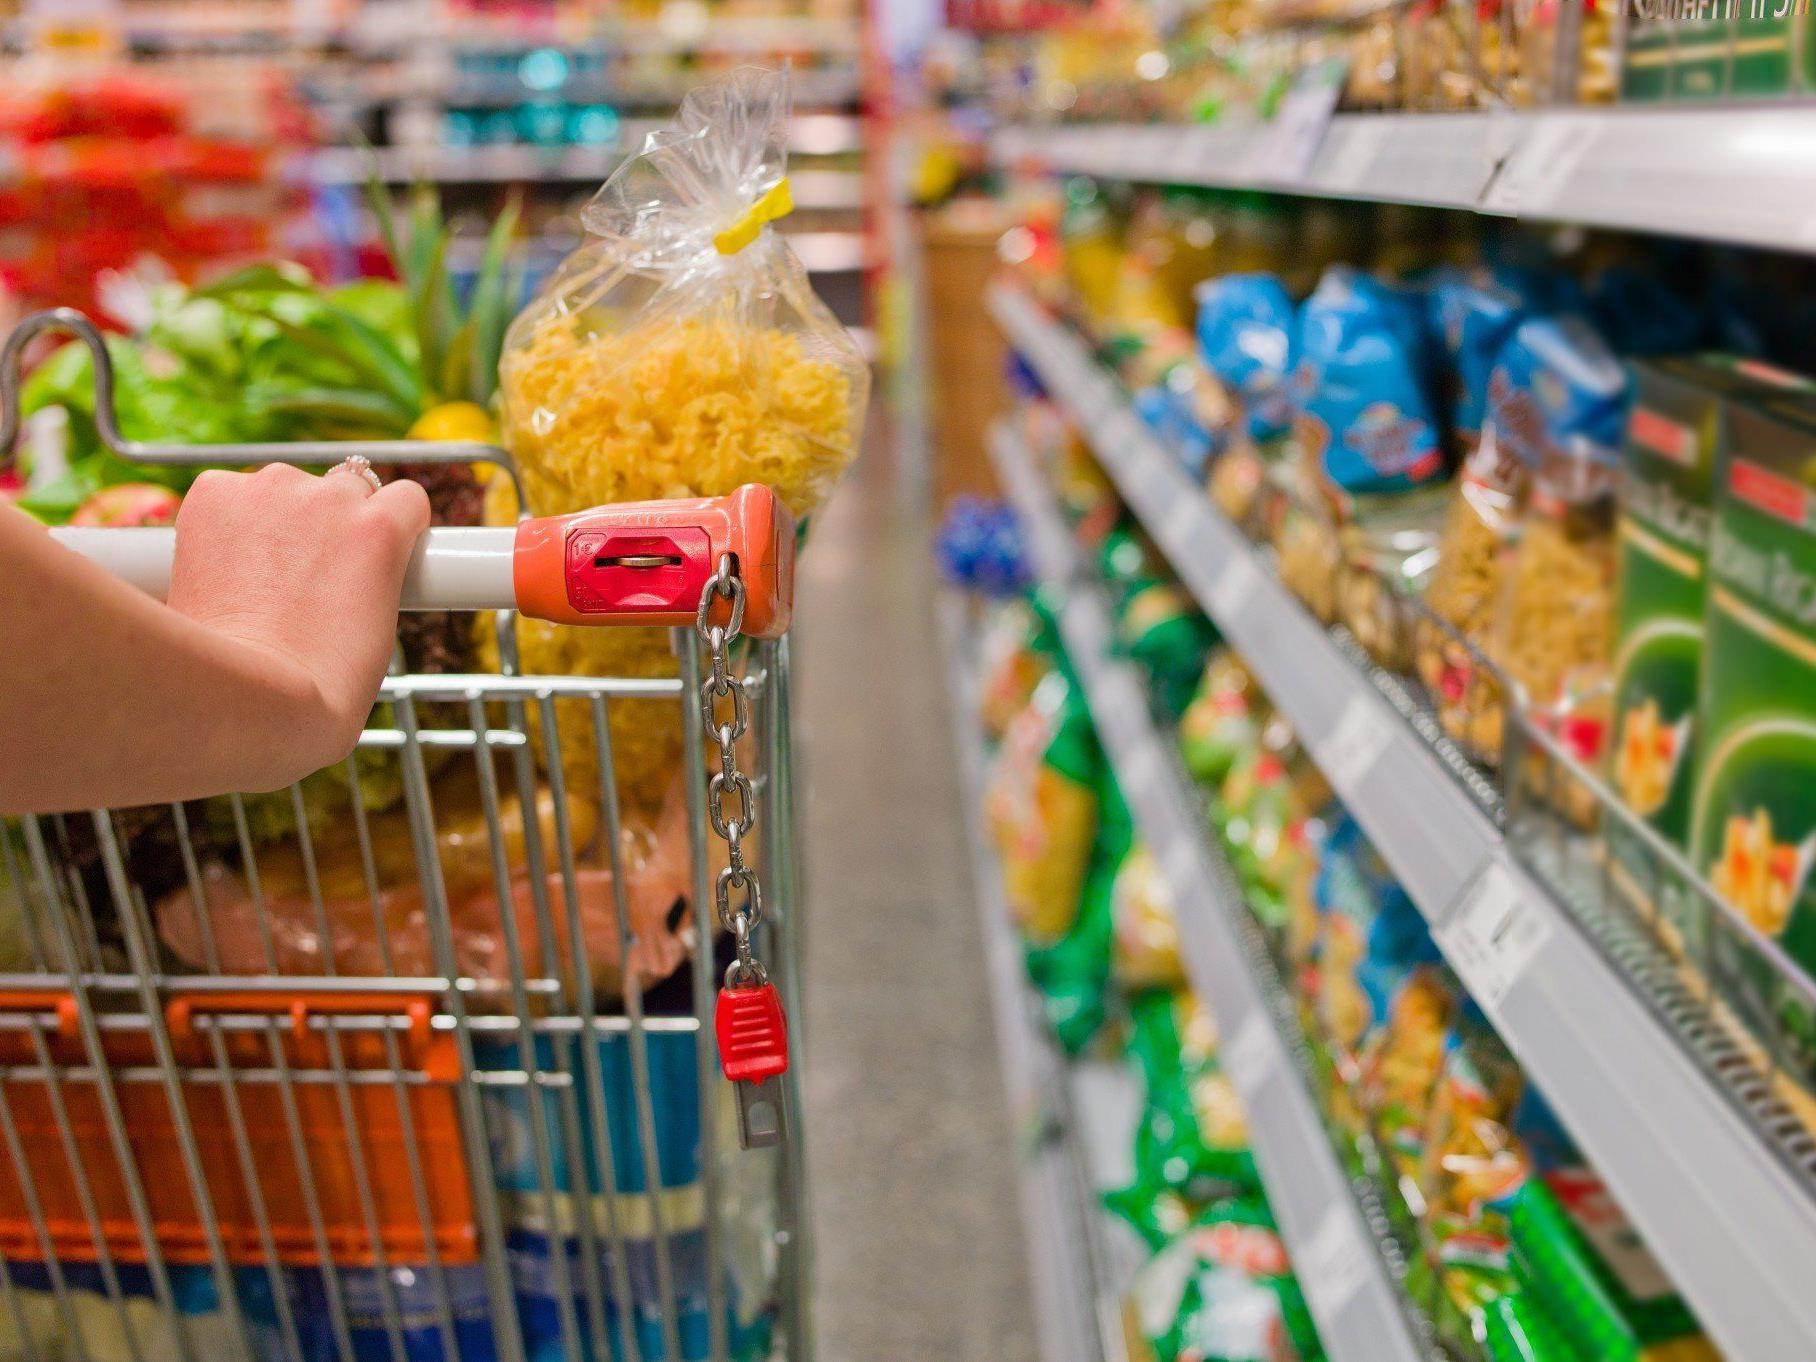 Den Rumänen wird gewerbsmäßiger Diebstahl von Lebensmitteln vorgeworfen.